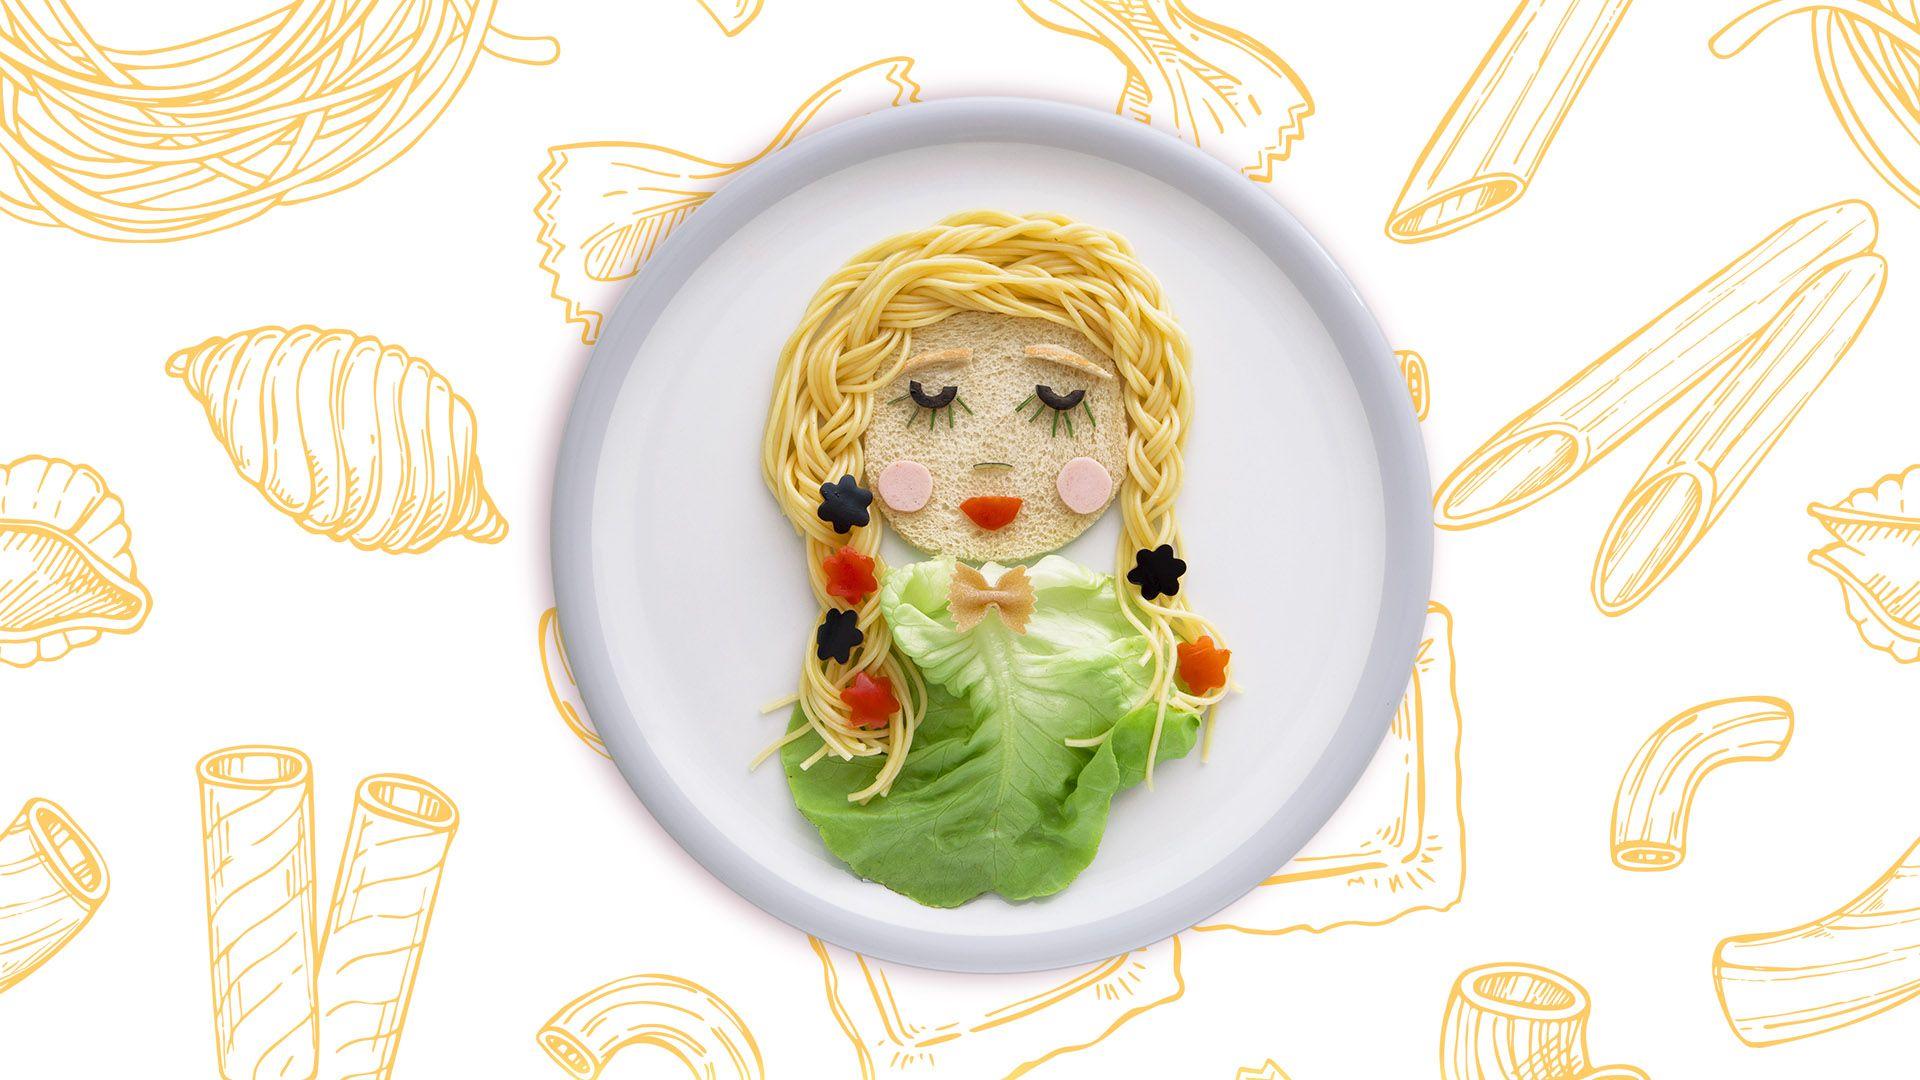 Rapunzel-Märchenteller Tellertekoration für Kinder von Lidl Österreich